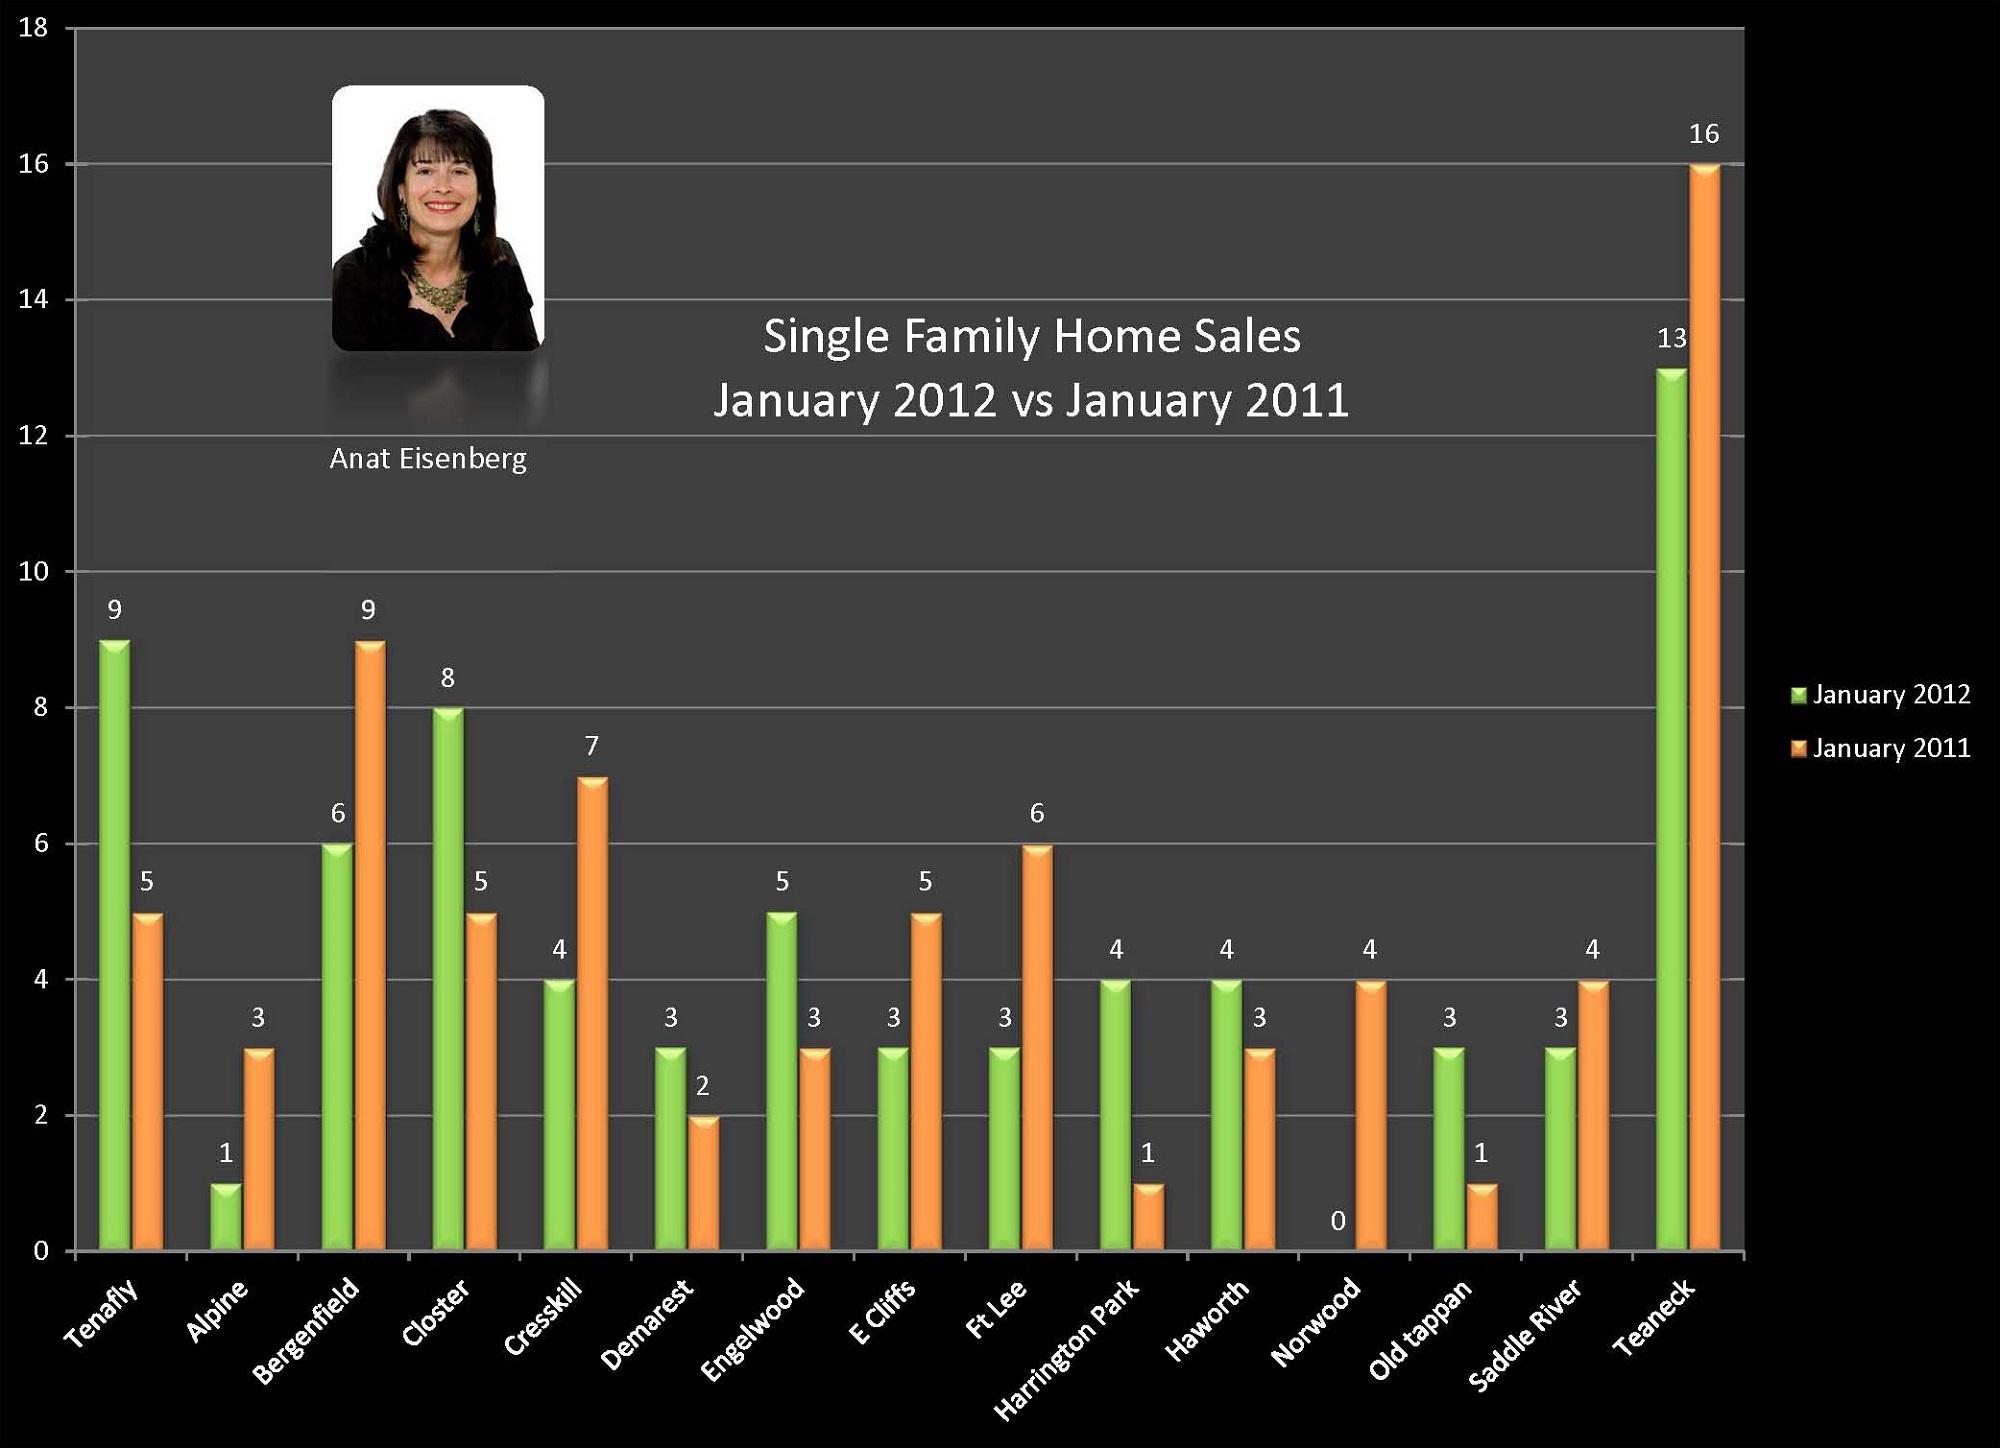 Single Family Sales  Jan 2012 vs Jan 2011